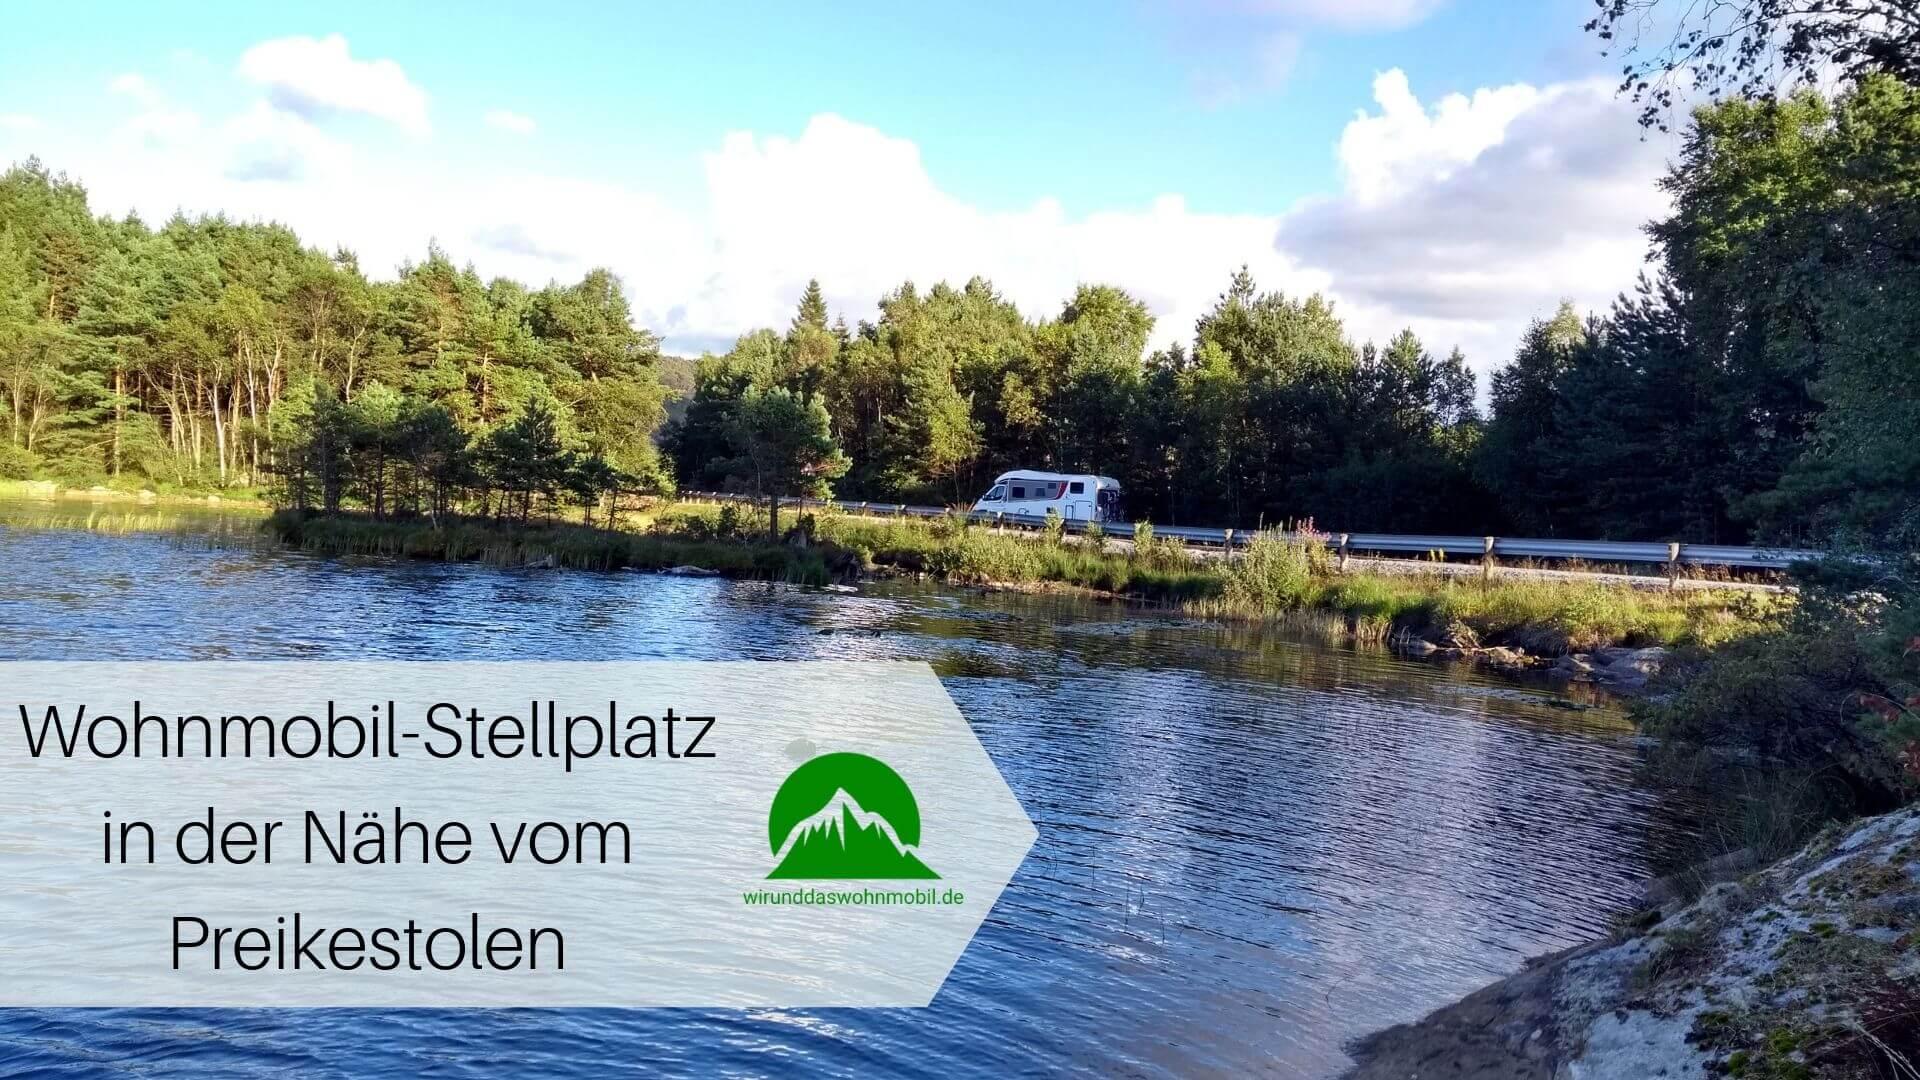 Wohnmobil Stellplatz in der Nähe des Preikestolen in Norwegen an einem kleinen See mitten in der Natur